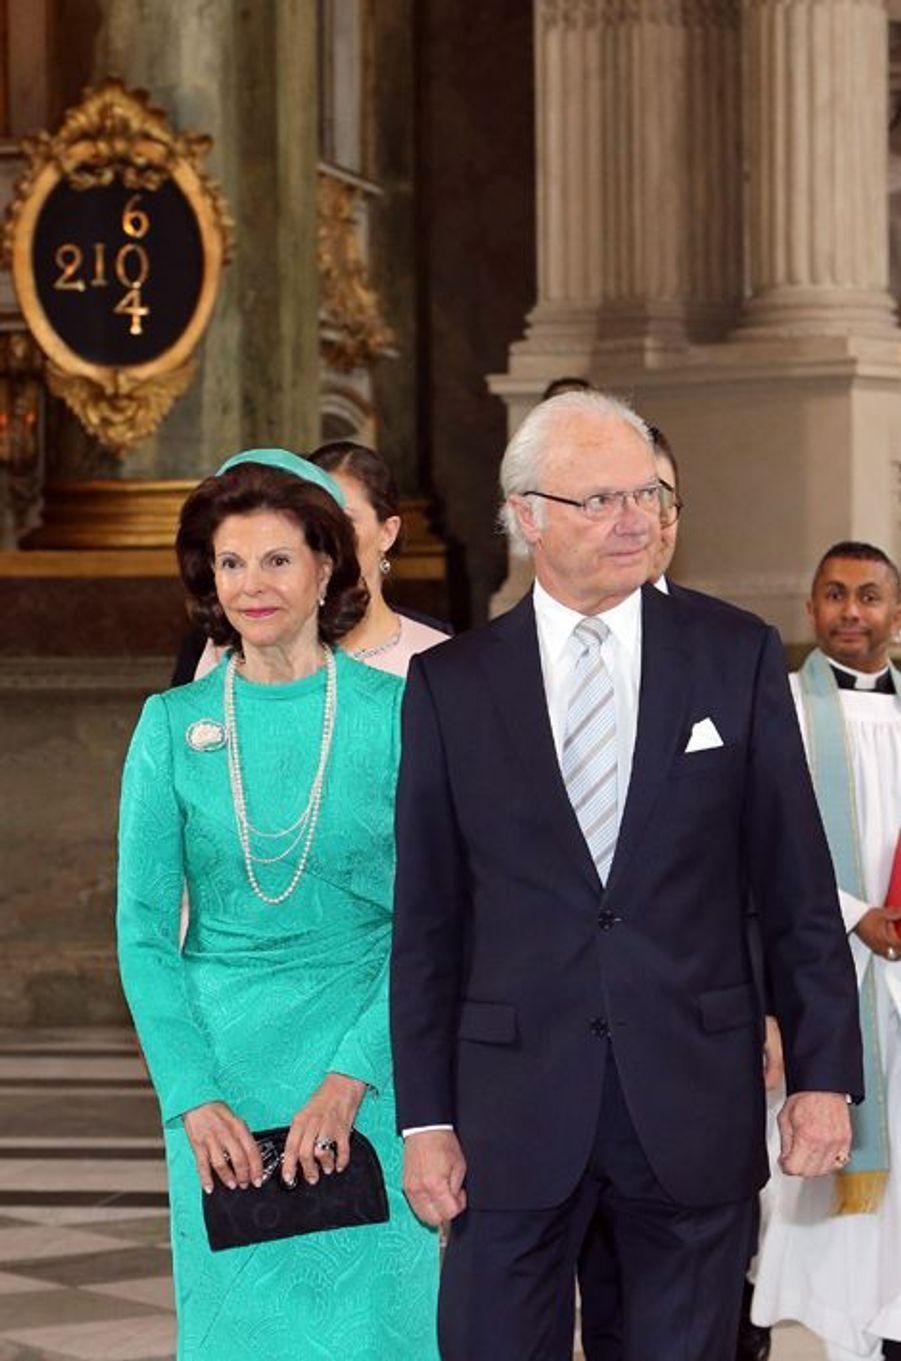 Le roi Carl XVI Gustaf et la reine Silvia de Suède dans la chapelle royale à Stockholm, le 18 juin 2015